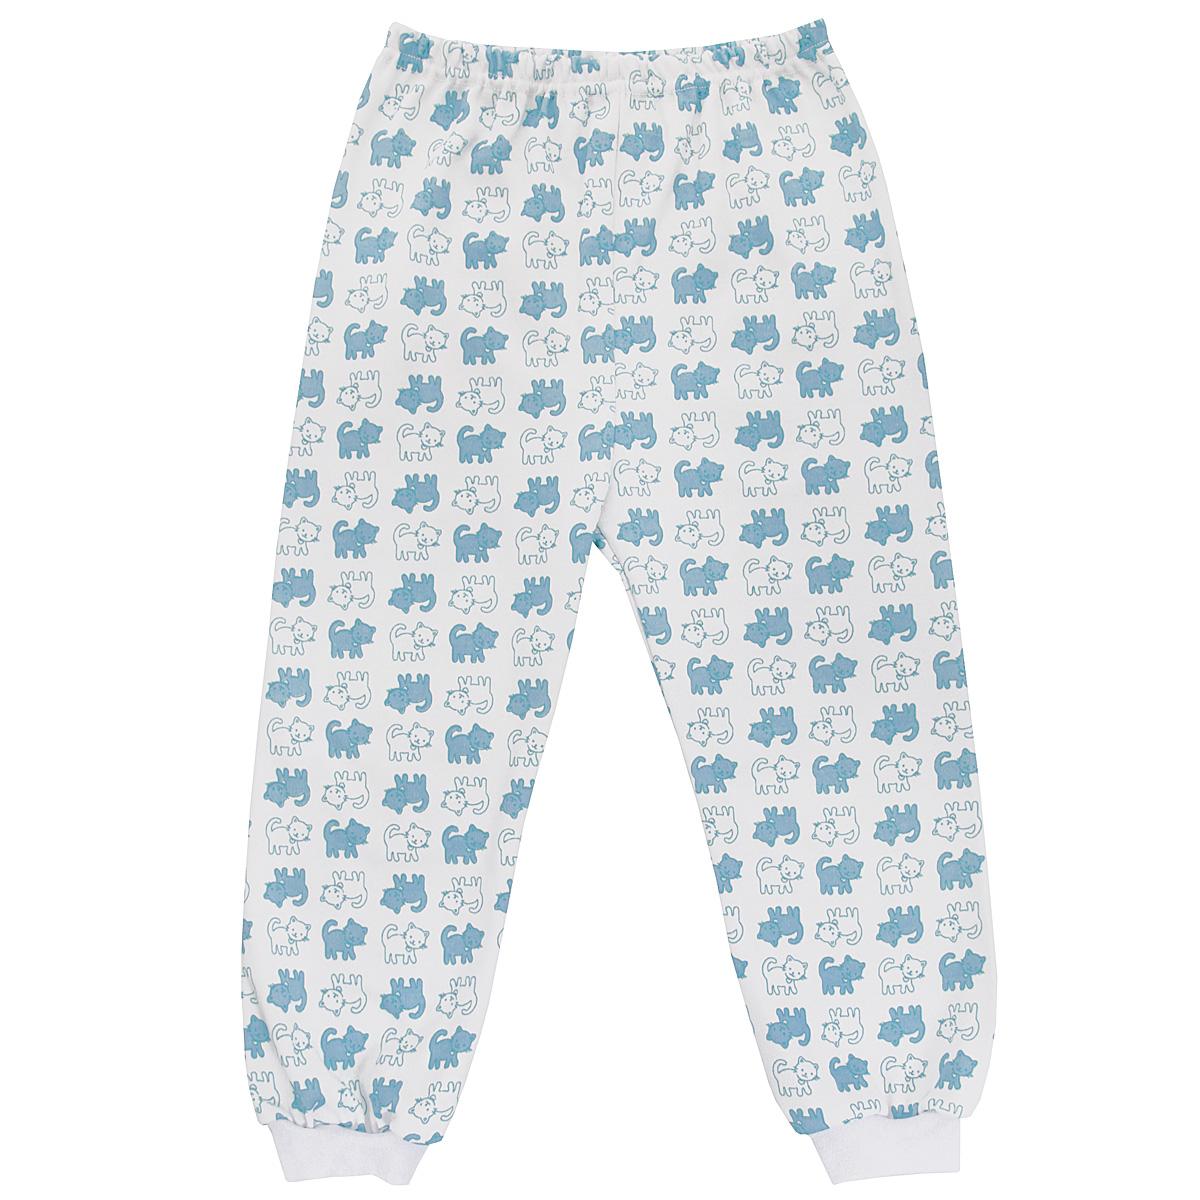 Штанишки5315_котенокУдобные штанишки Трон-плюс идеально подойдут вашему ребенку и станут отличным дополнением к детскому гардеробу. Изготовленные из натурального хлопка, они необычайно мягкие и легкие, не сковывают движения, позволяют коже дышать и не раздражают даже самую нежную и чувствительную кожу ребенка. Штанишки на талии имеют эластичную резинку, благодаря чему они не сдавливают животик ребенка и не сползают. Низ штанишек дополнен широкими эластичными манжетами. Оформлена модель ненавязчивым принтом с изображениями котенка. В таких штанишках ваш ребенок будет чувствовать себя комфортно и уютно.